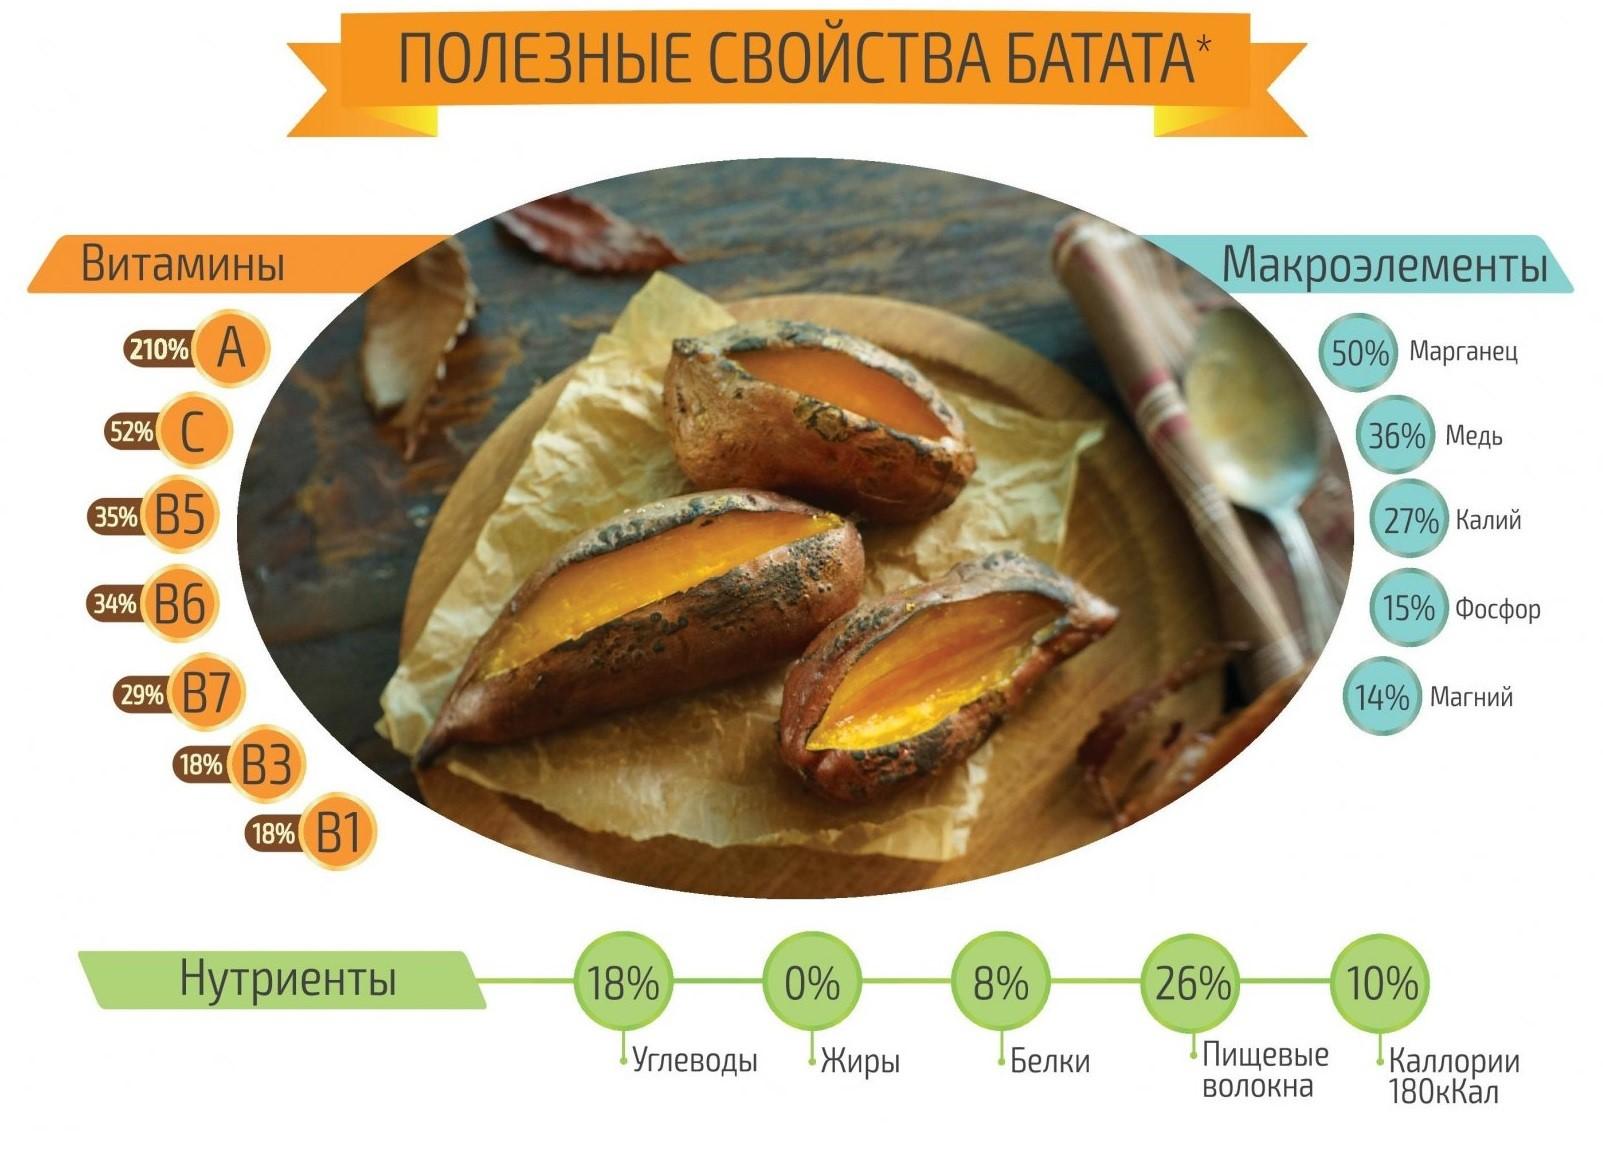 Содержание полезных веществ и витаминов